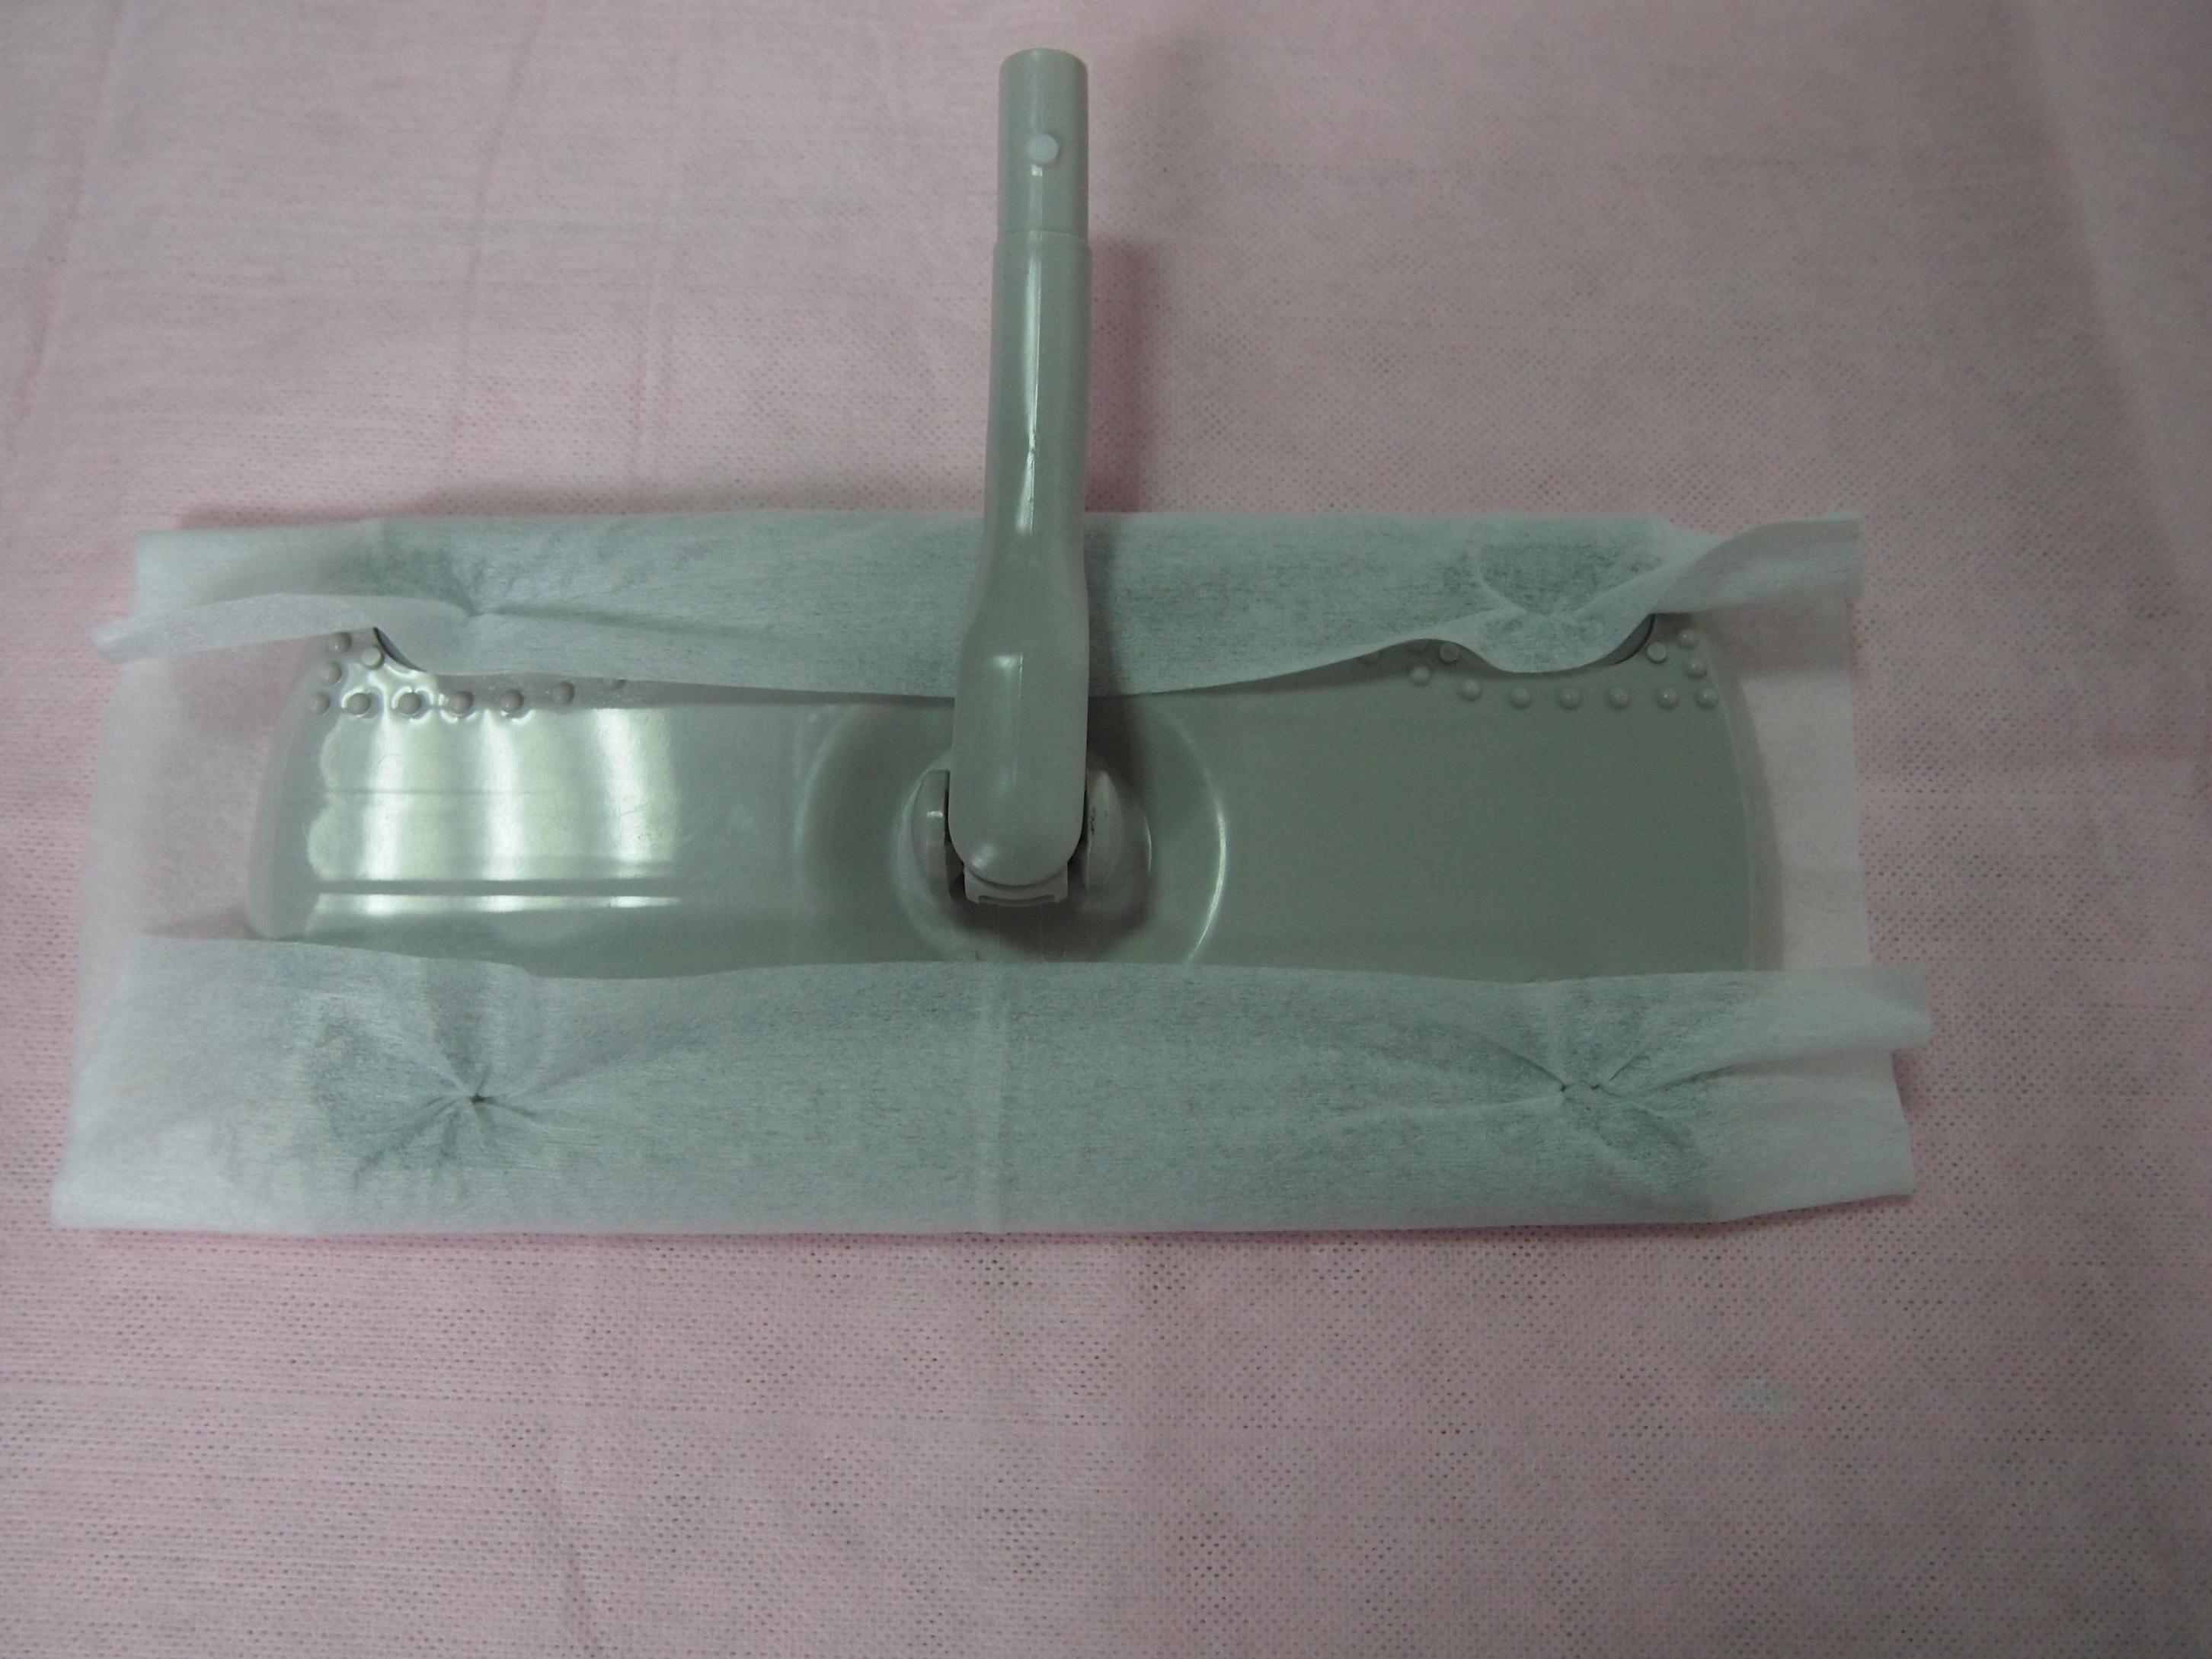 чистящее средство Электростатического MOP пыли бумага/малых/плоская швабры выходе завода (получить 5 кусочки бумаги в коробке)